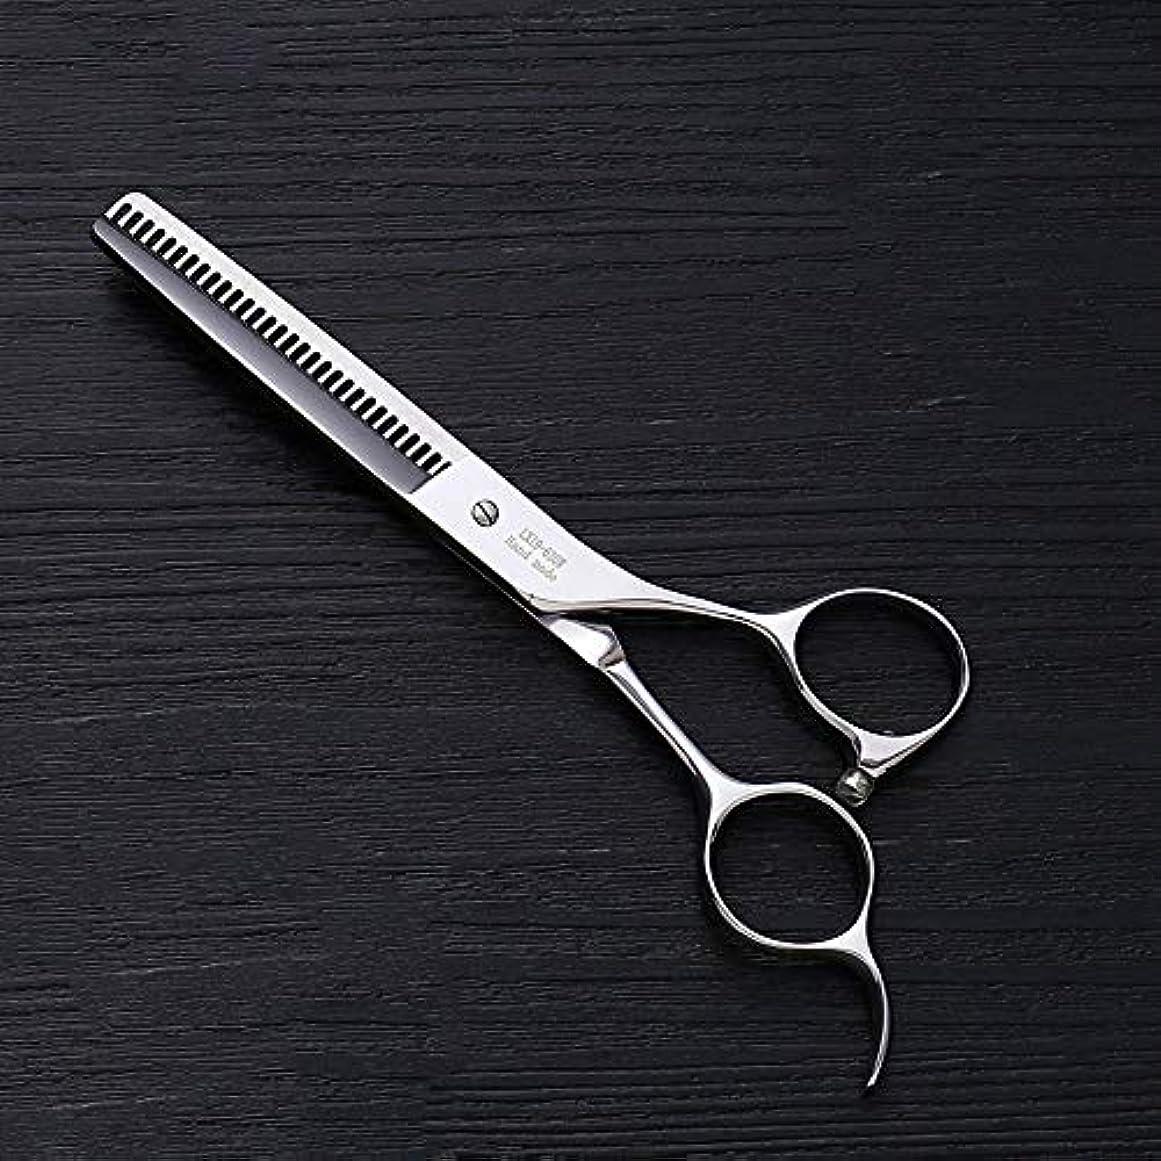 広々とした禁じる小麦6.0インチプロフェッショナルアントラー歯ステンレス鋼の歯はさみ理髪はさみヘアスタイリスト特別な理髪はさみ ヘアケア (色 : Silver)